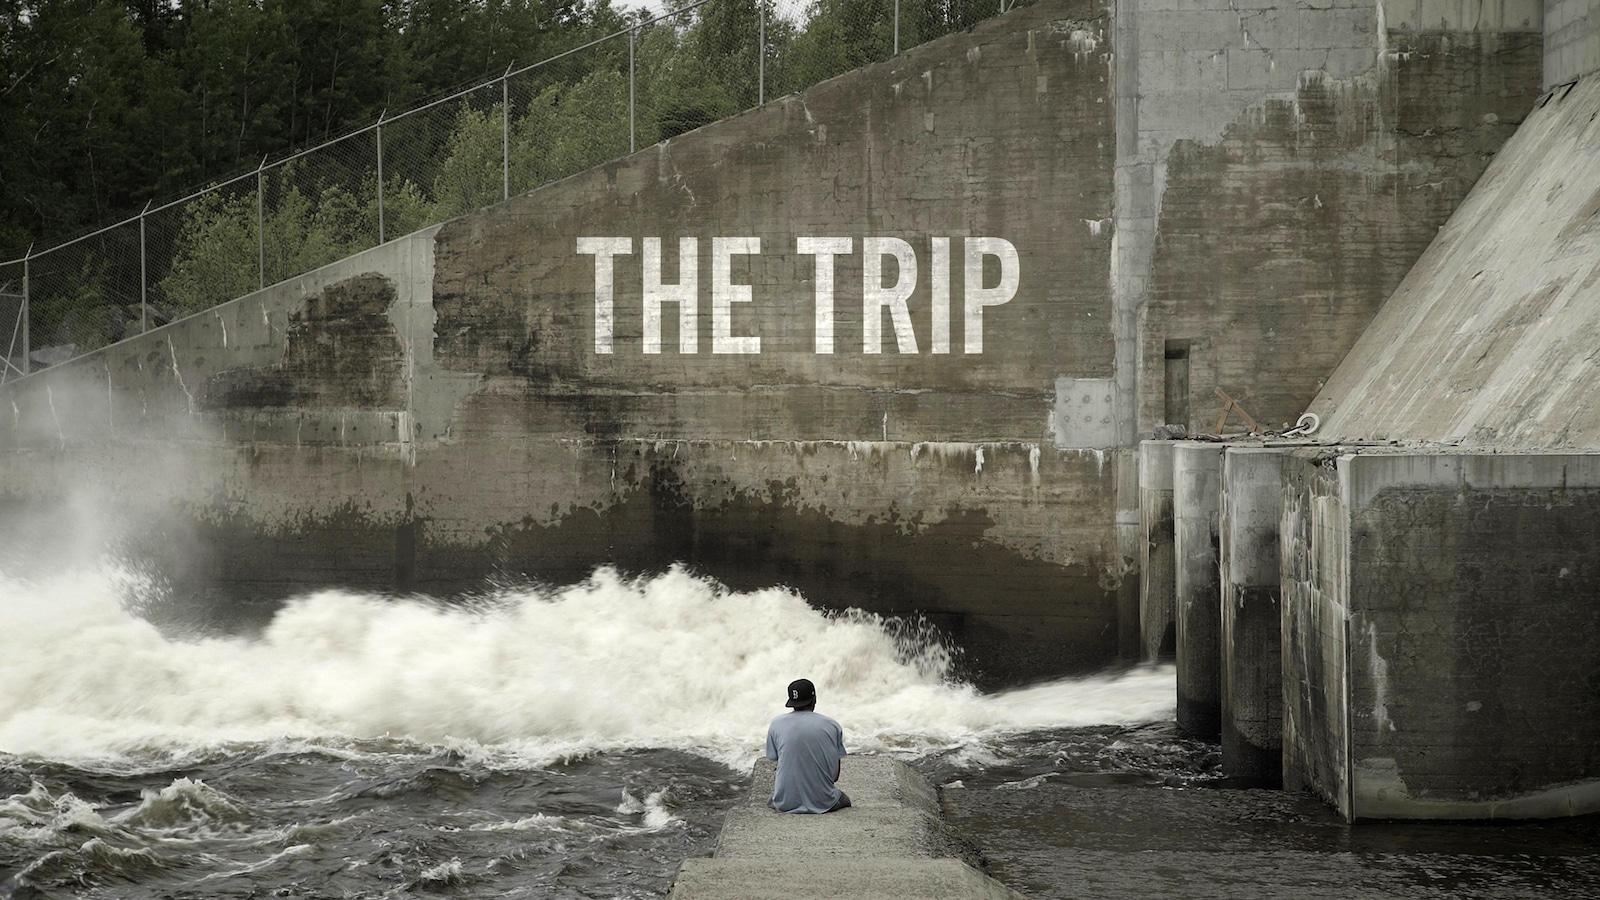 L'affiche du film montrant un homme de dos assis devant un barrage.